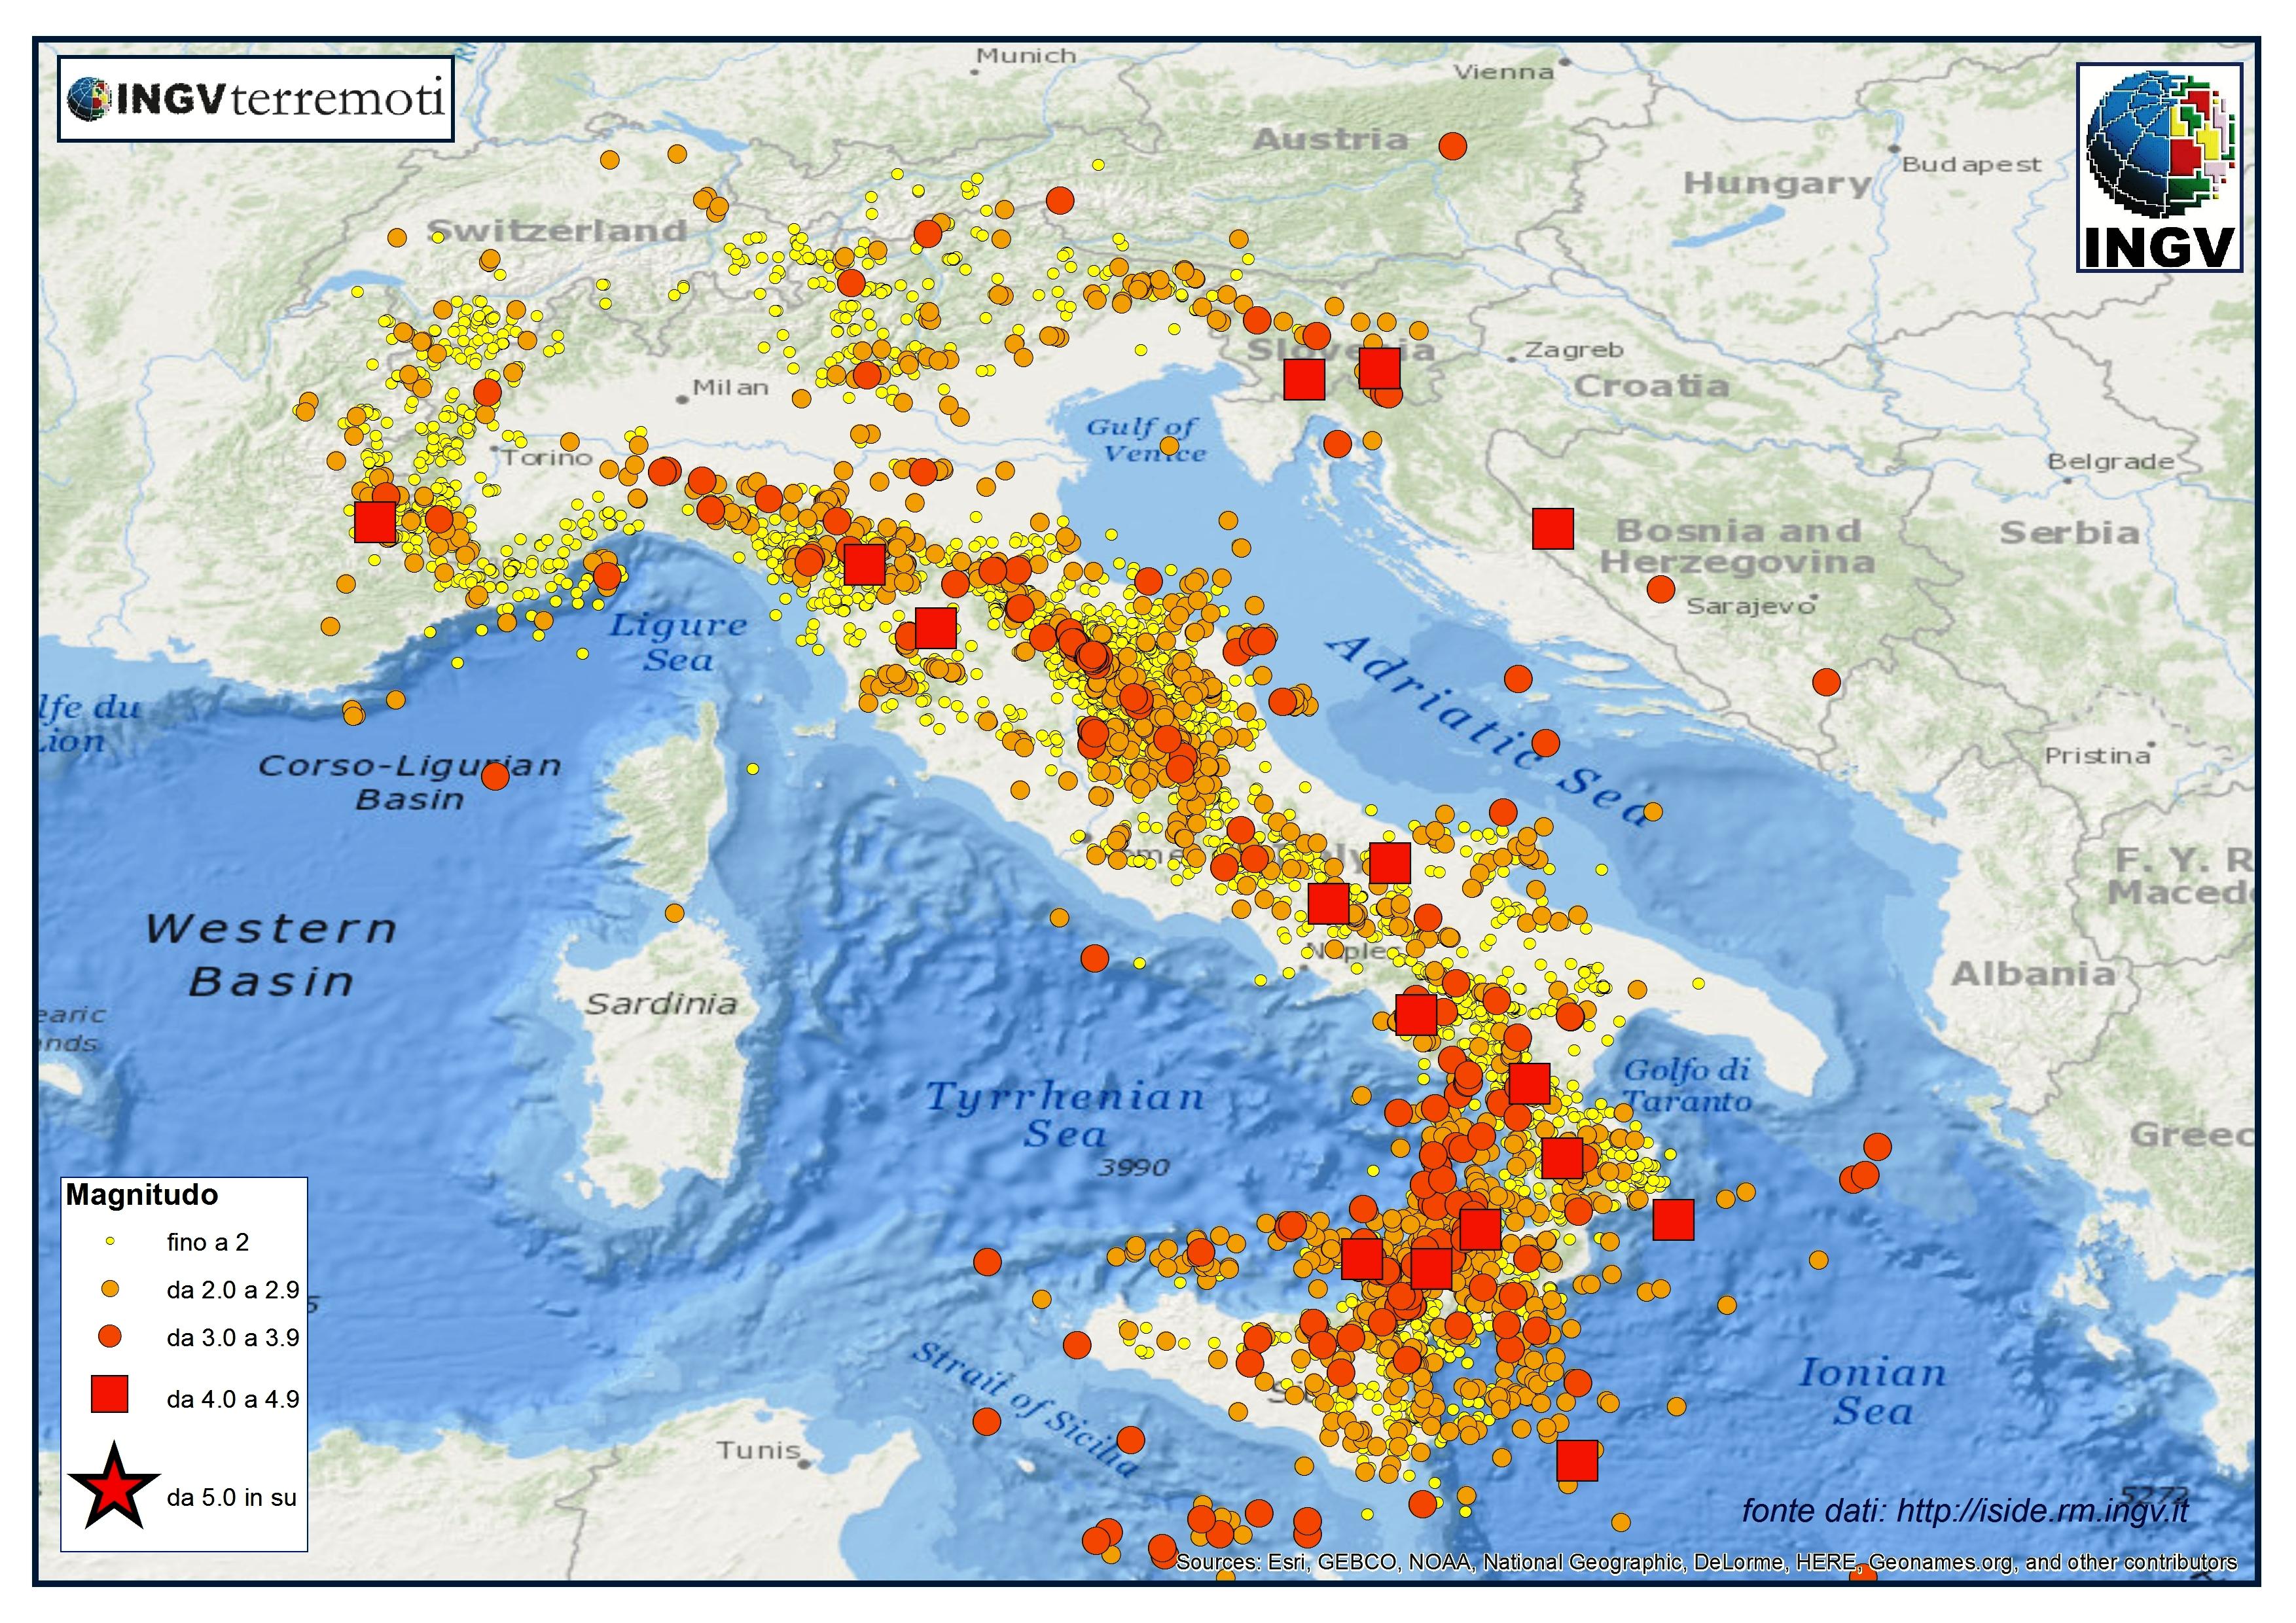 Cartina Dell Italia Zone Sismiche.6aprile Itspeciale Ingv Italia Sismica I Terremoti Del 2014 6aprile It